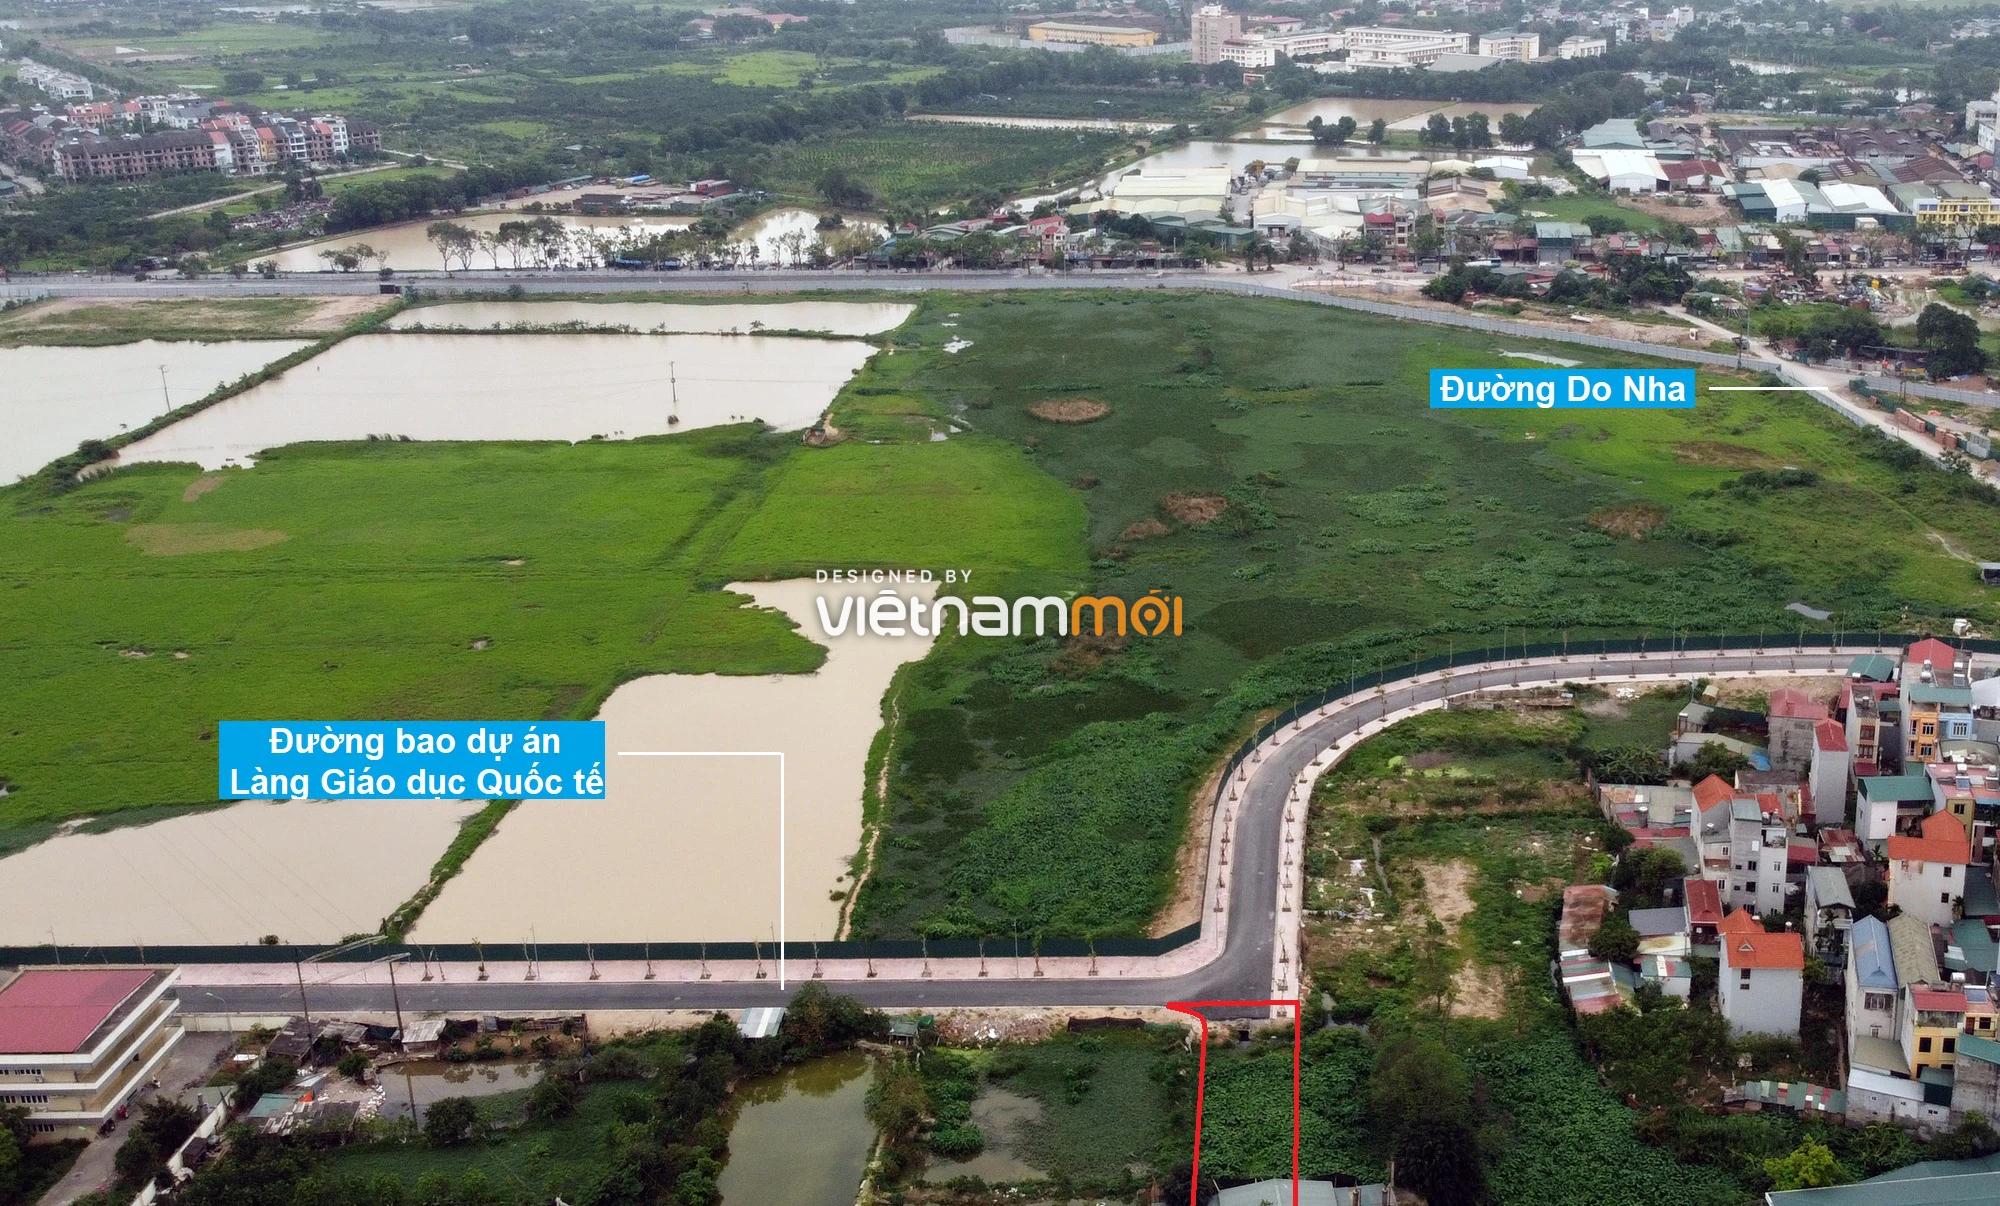 Những khu đất sắp thu hồi để mở đường ở phường Tây Mỗ, Nam Từ Liêm, Hà Nội (phần 5) - Ảnh 8.